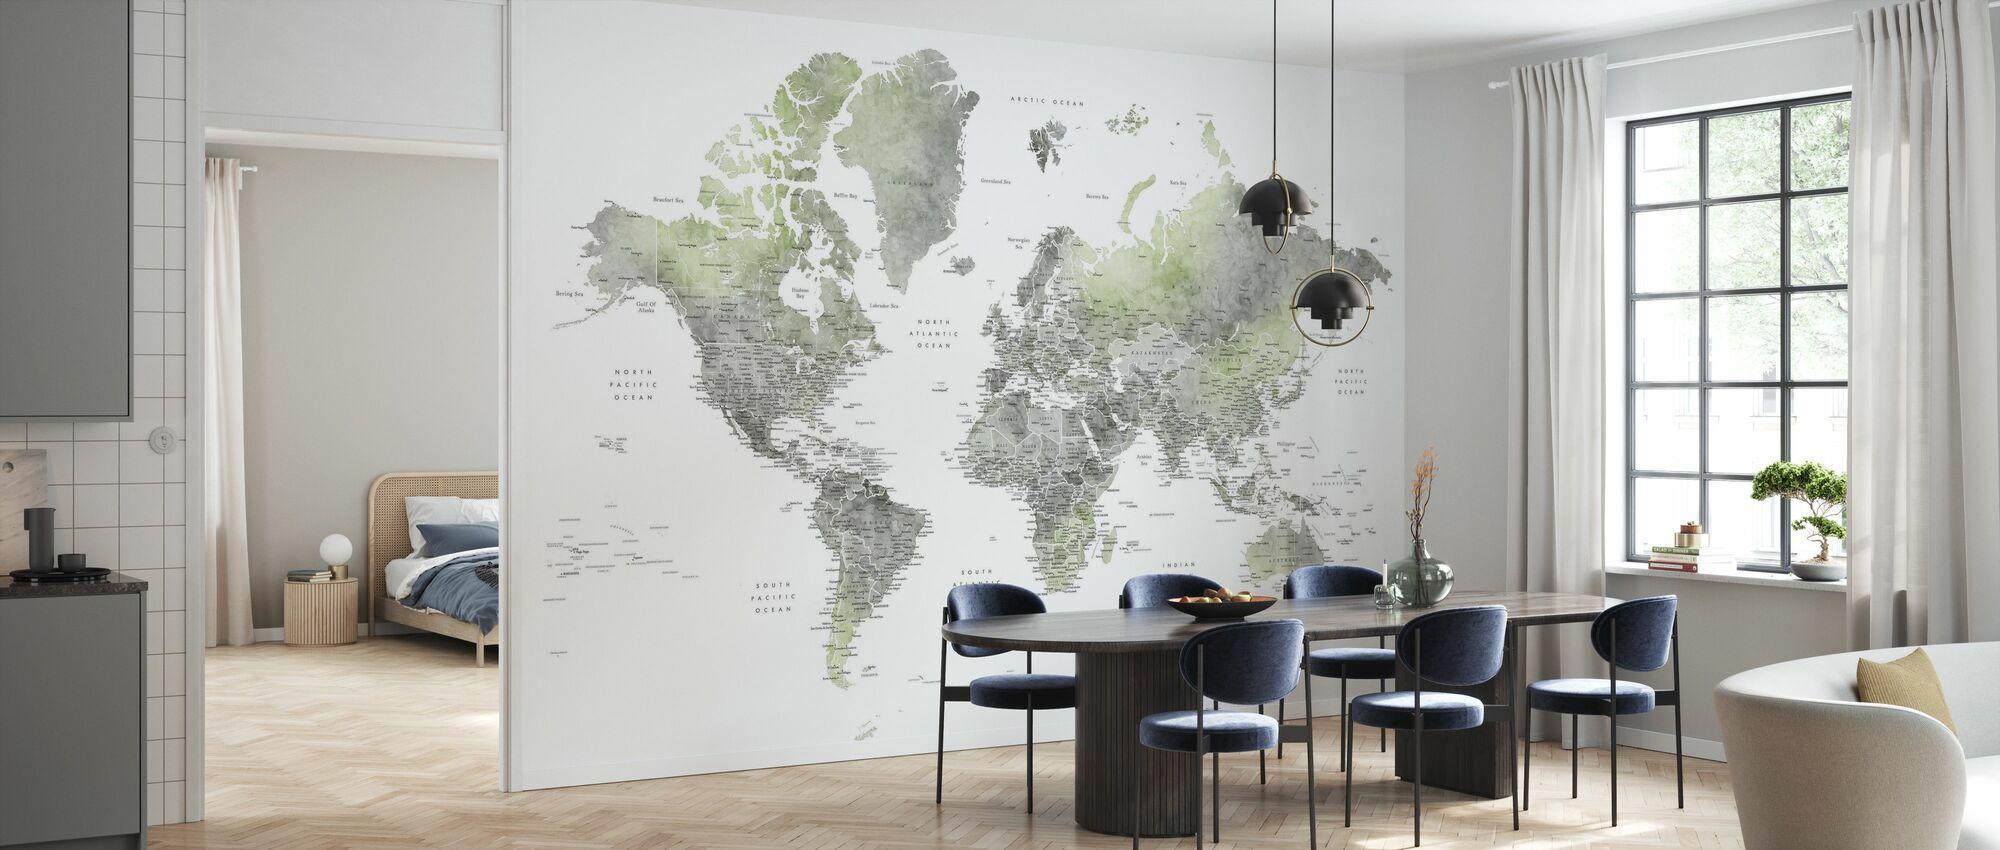 Weltkarte mit Städten - Tapete - Küchen